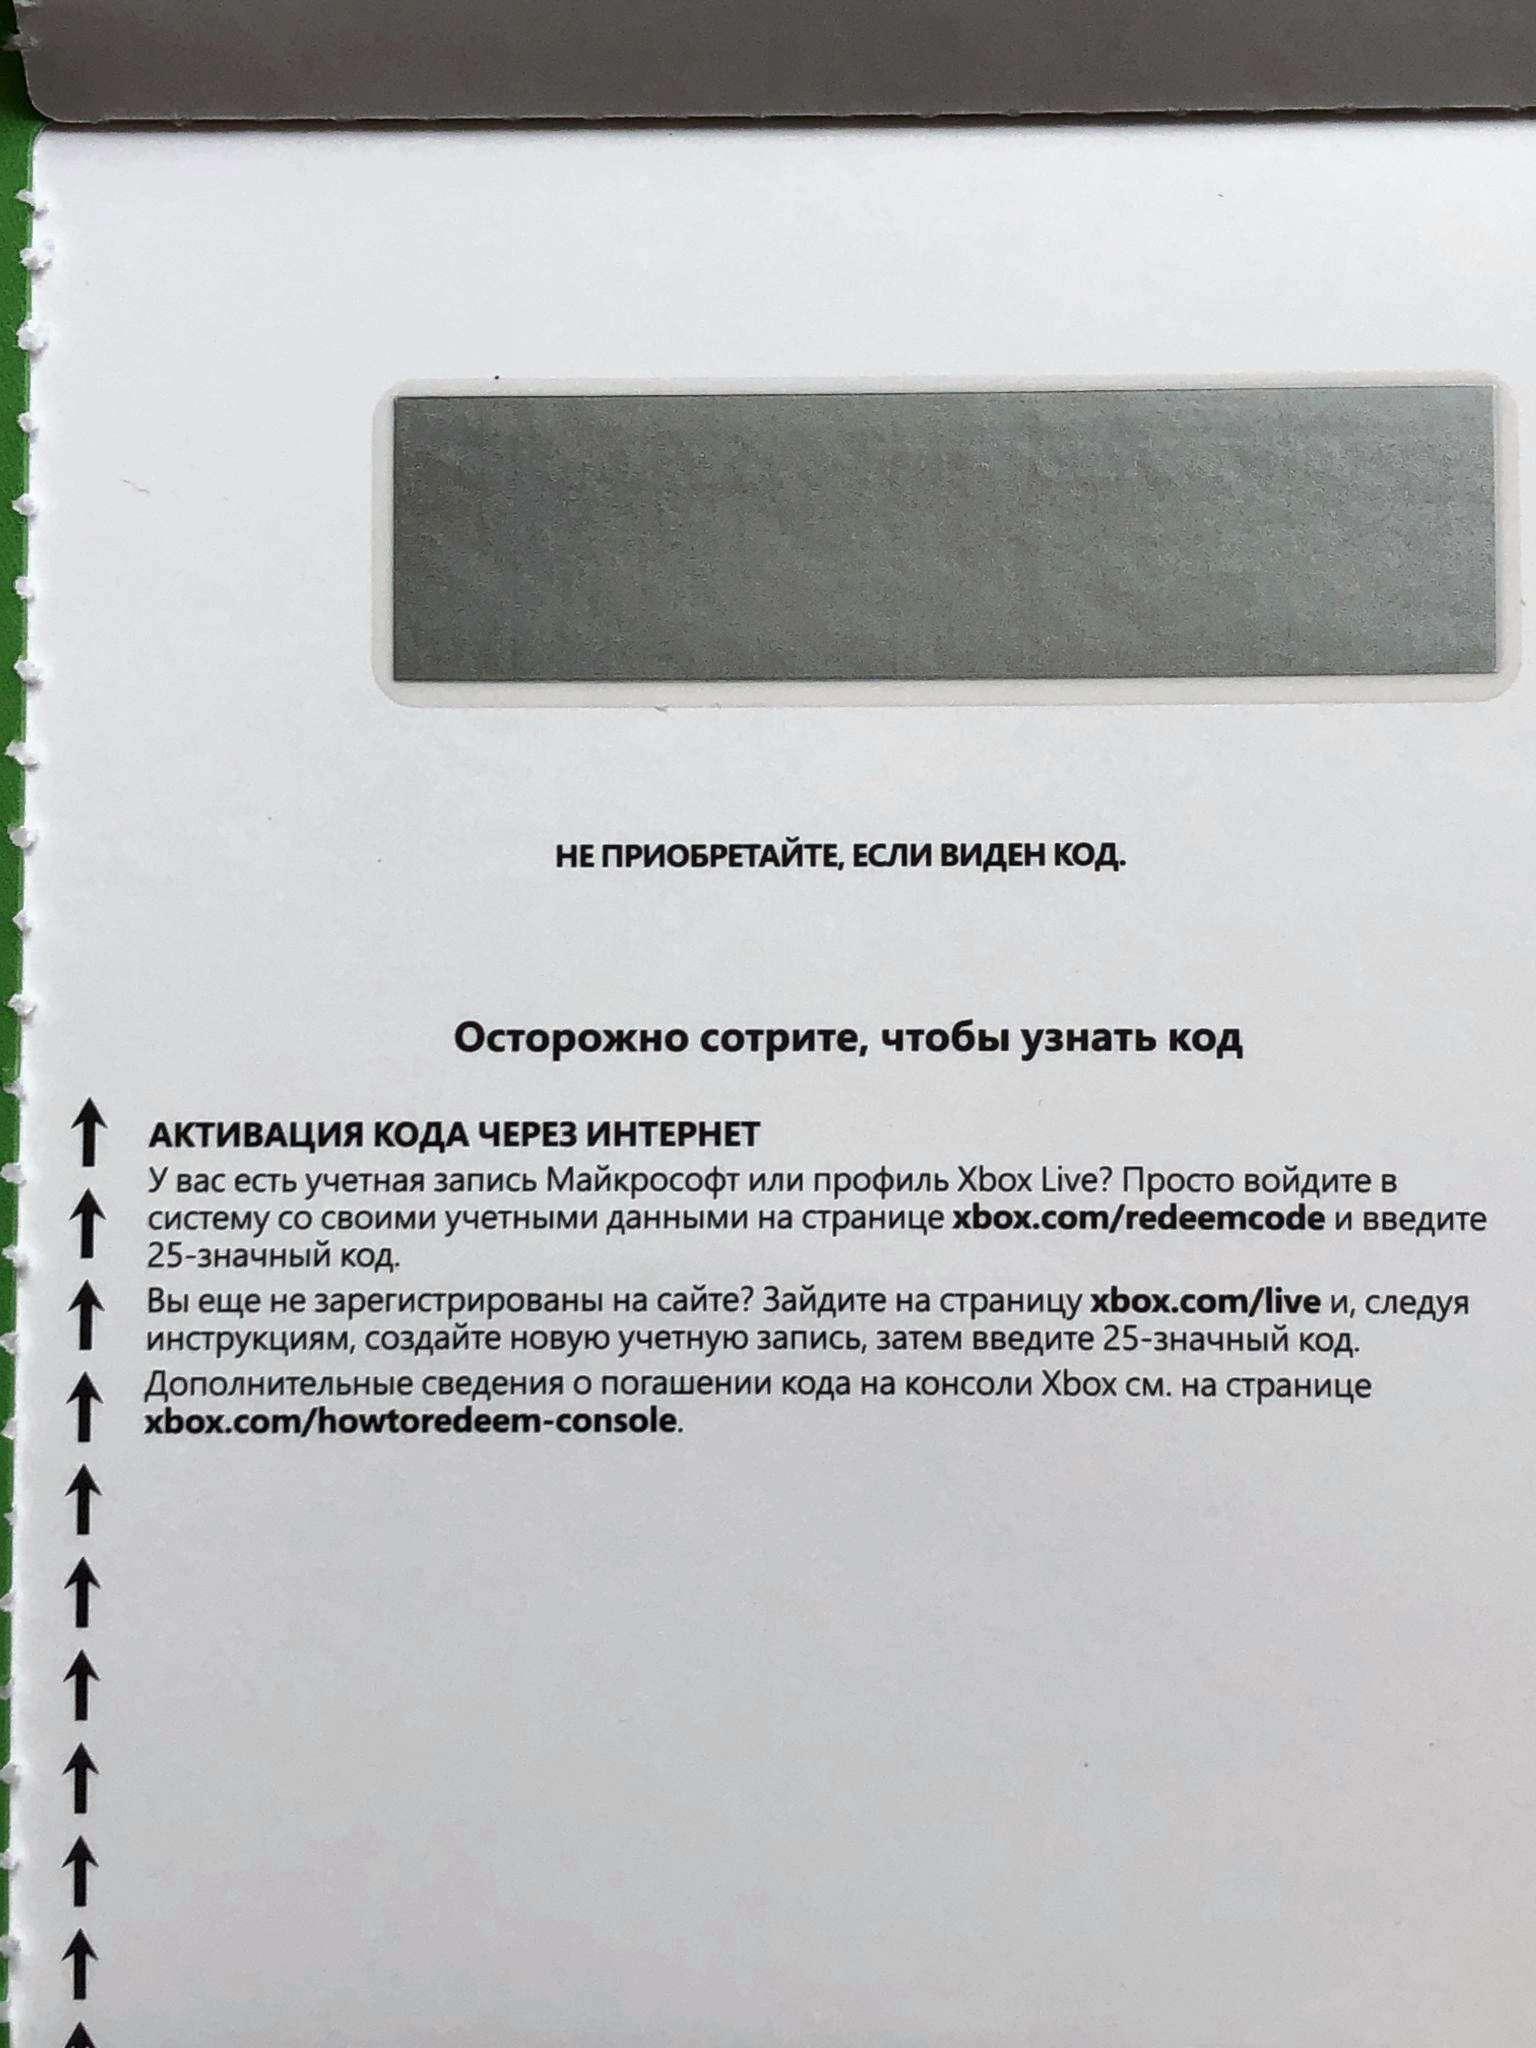 Karta Xbox Live.Karta Oplaty Xbox Live Gold Karta Podpiski 12 Mesyacev 52m 00550